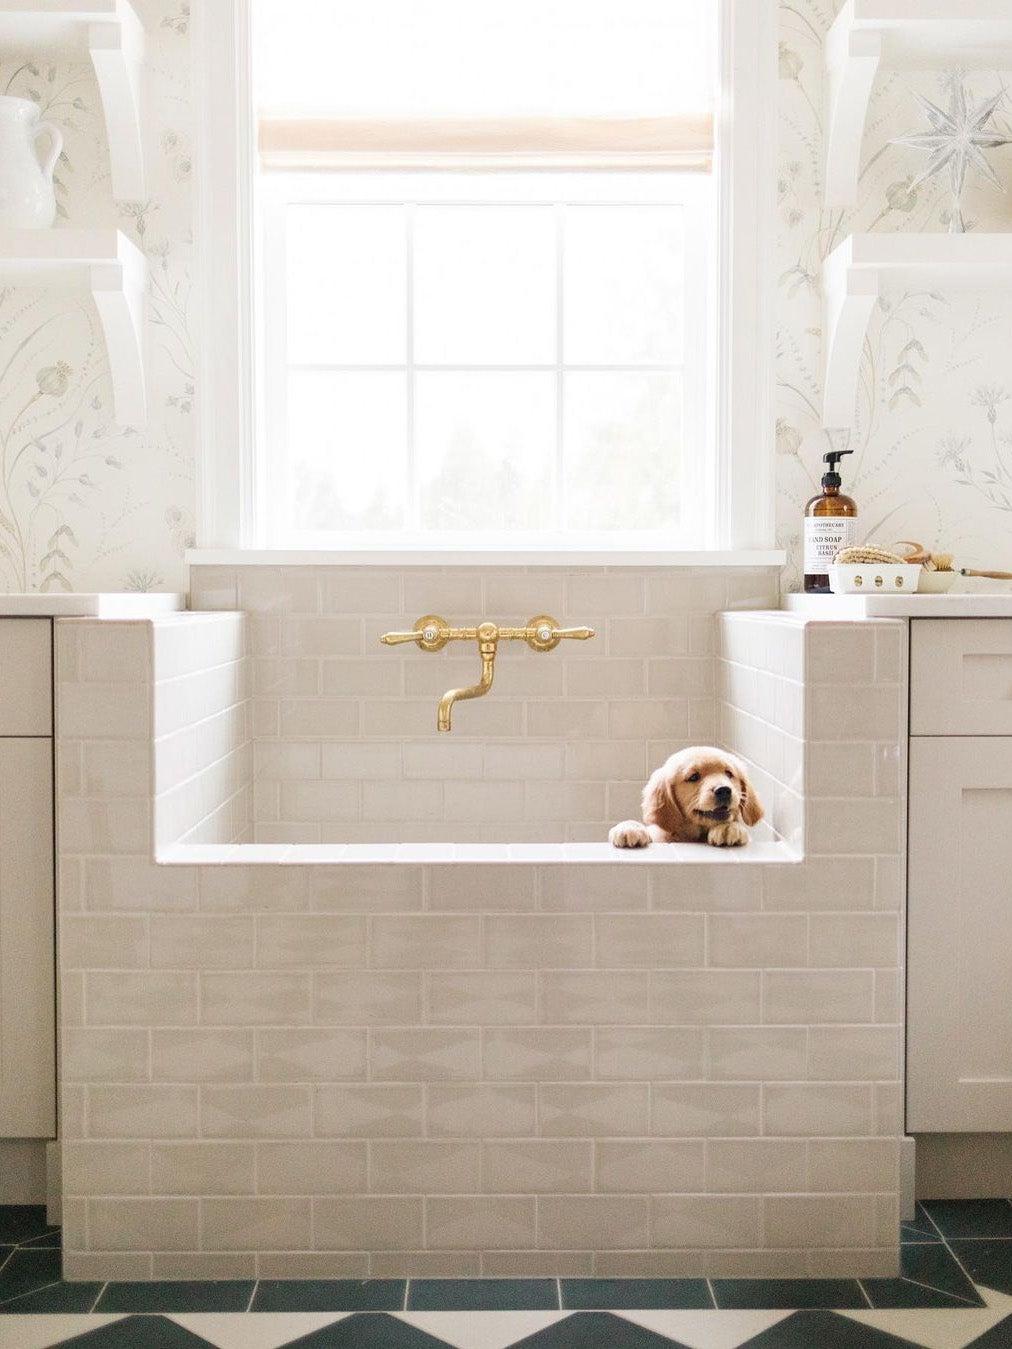 puppy in dog wash